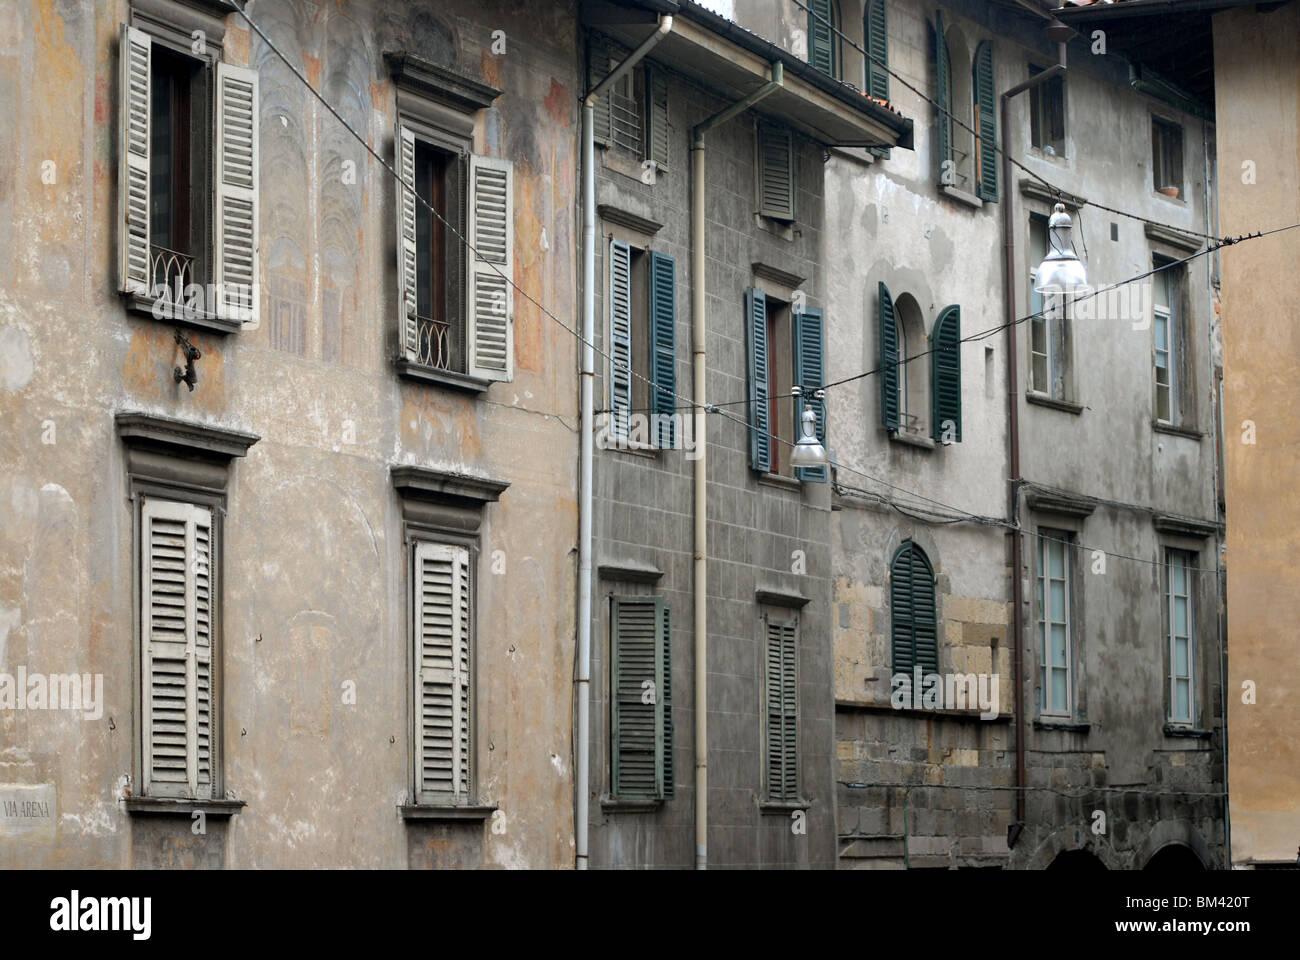 Shuttered windows on buildings off Piazza di Santa Maria Maggiore, Bergamo Alta, Lombardy, Italy. - Stock Image